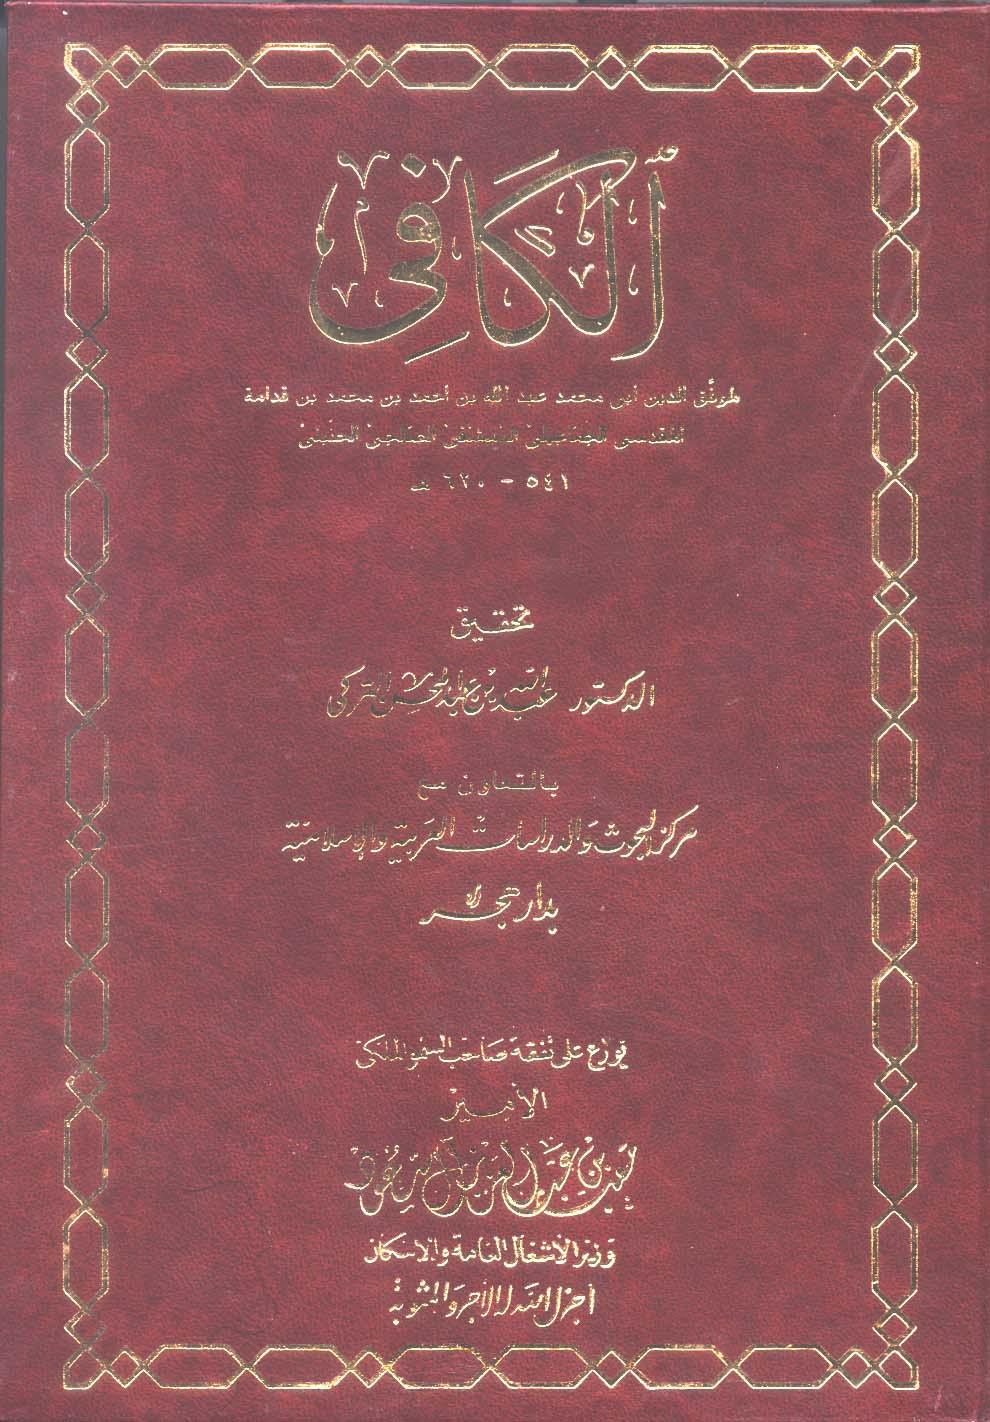 الكافي لابن قدامة المقدسي (6 مجلدات على رابط واحد) pdf